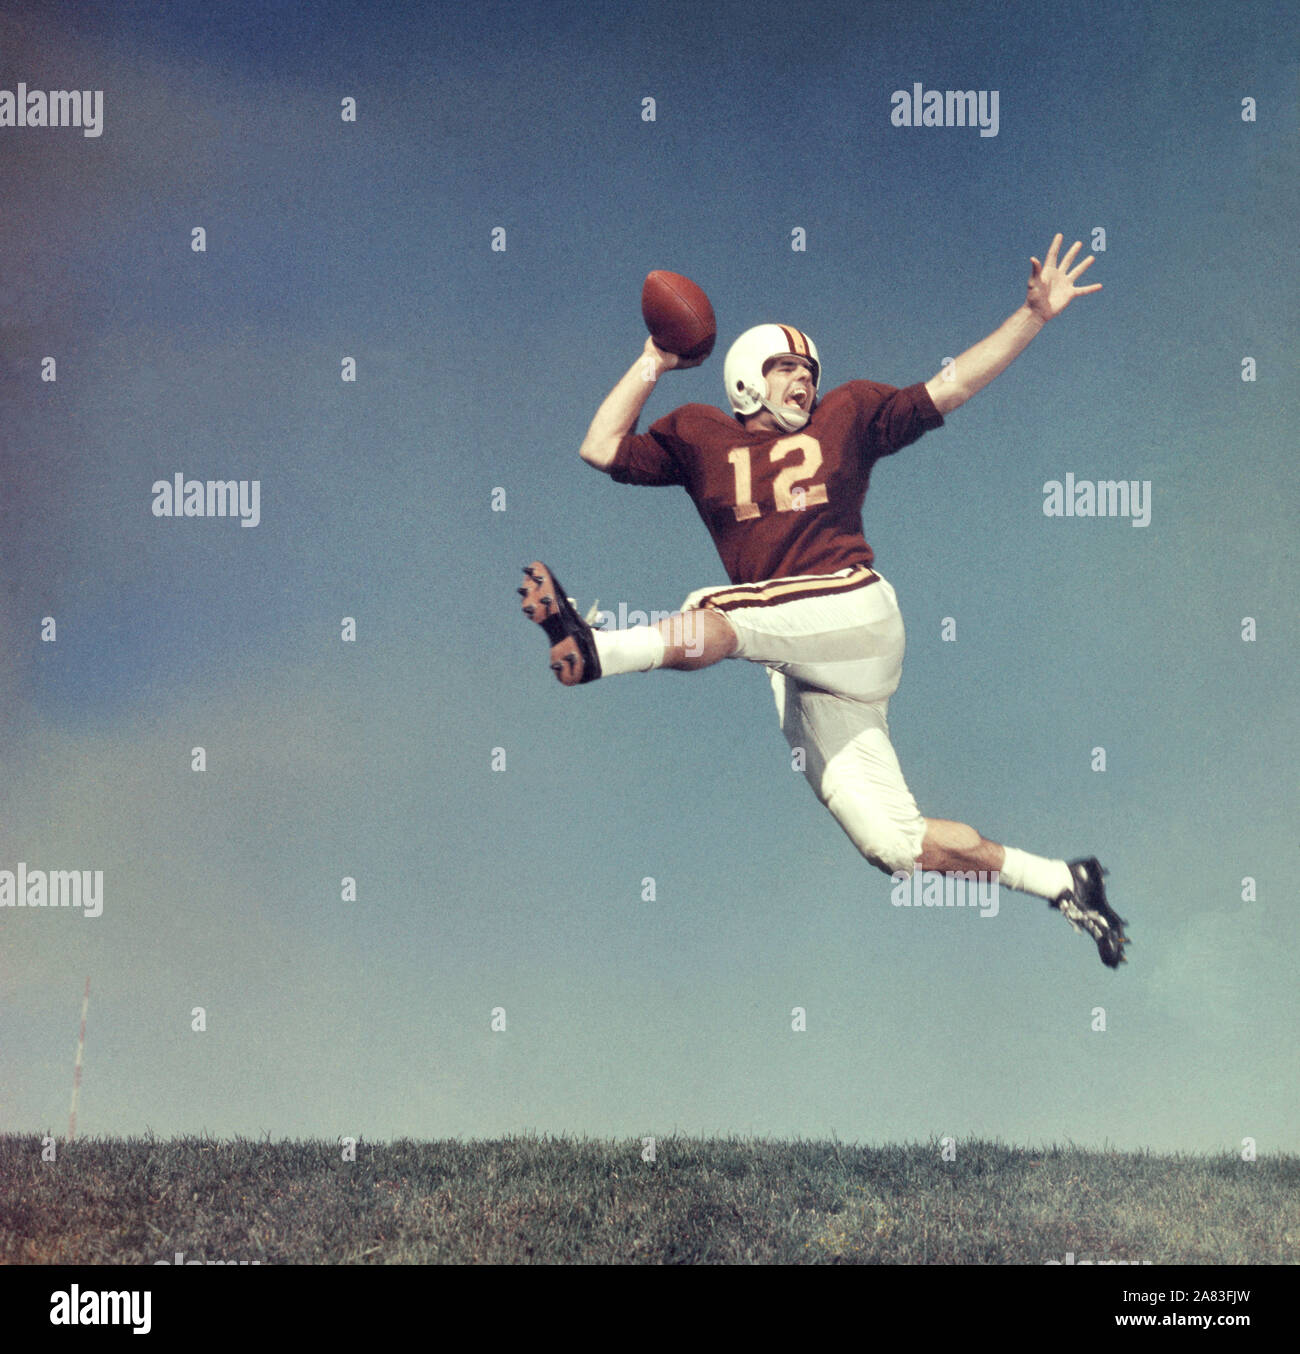 Nicht identifizierte American Football Spieler 1950 Sprung in der Luft mit dem Ball (Foto von Hy Peskin) Stockfoto